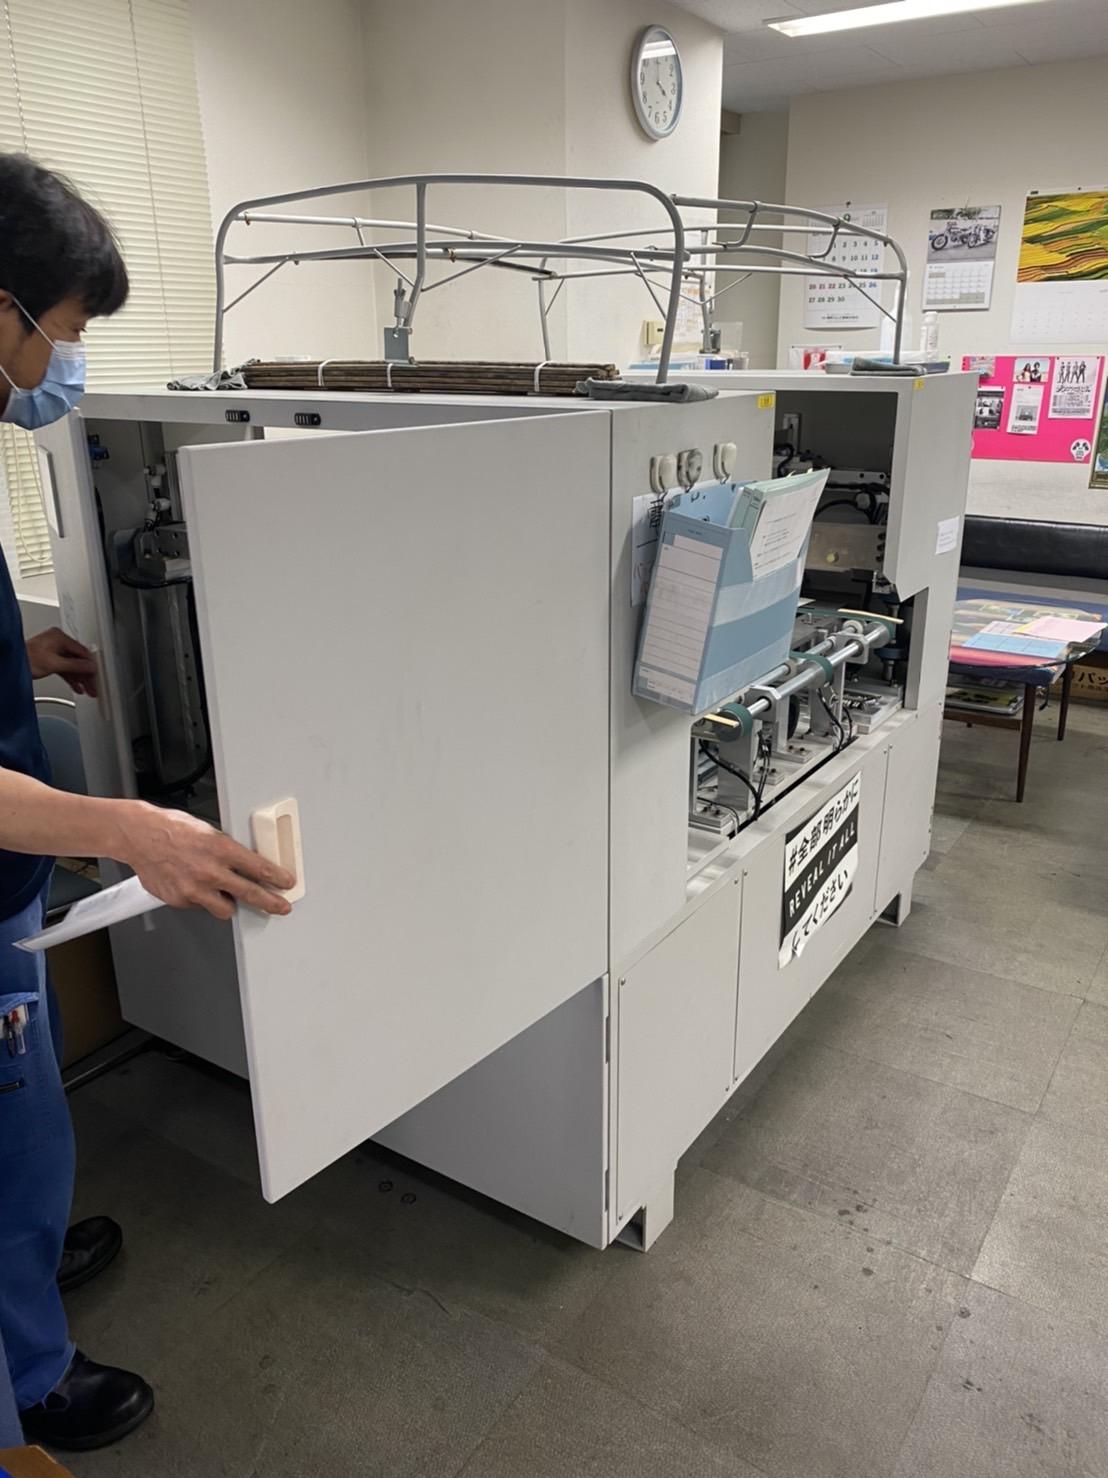 【産業廃棄物の処理】印刷工場の不要機械(重量物含む)の搬出、処分の事例を紹介します。